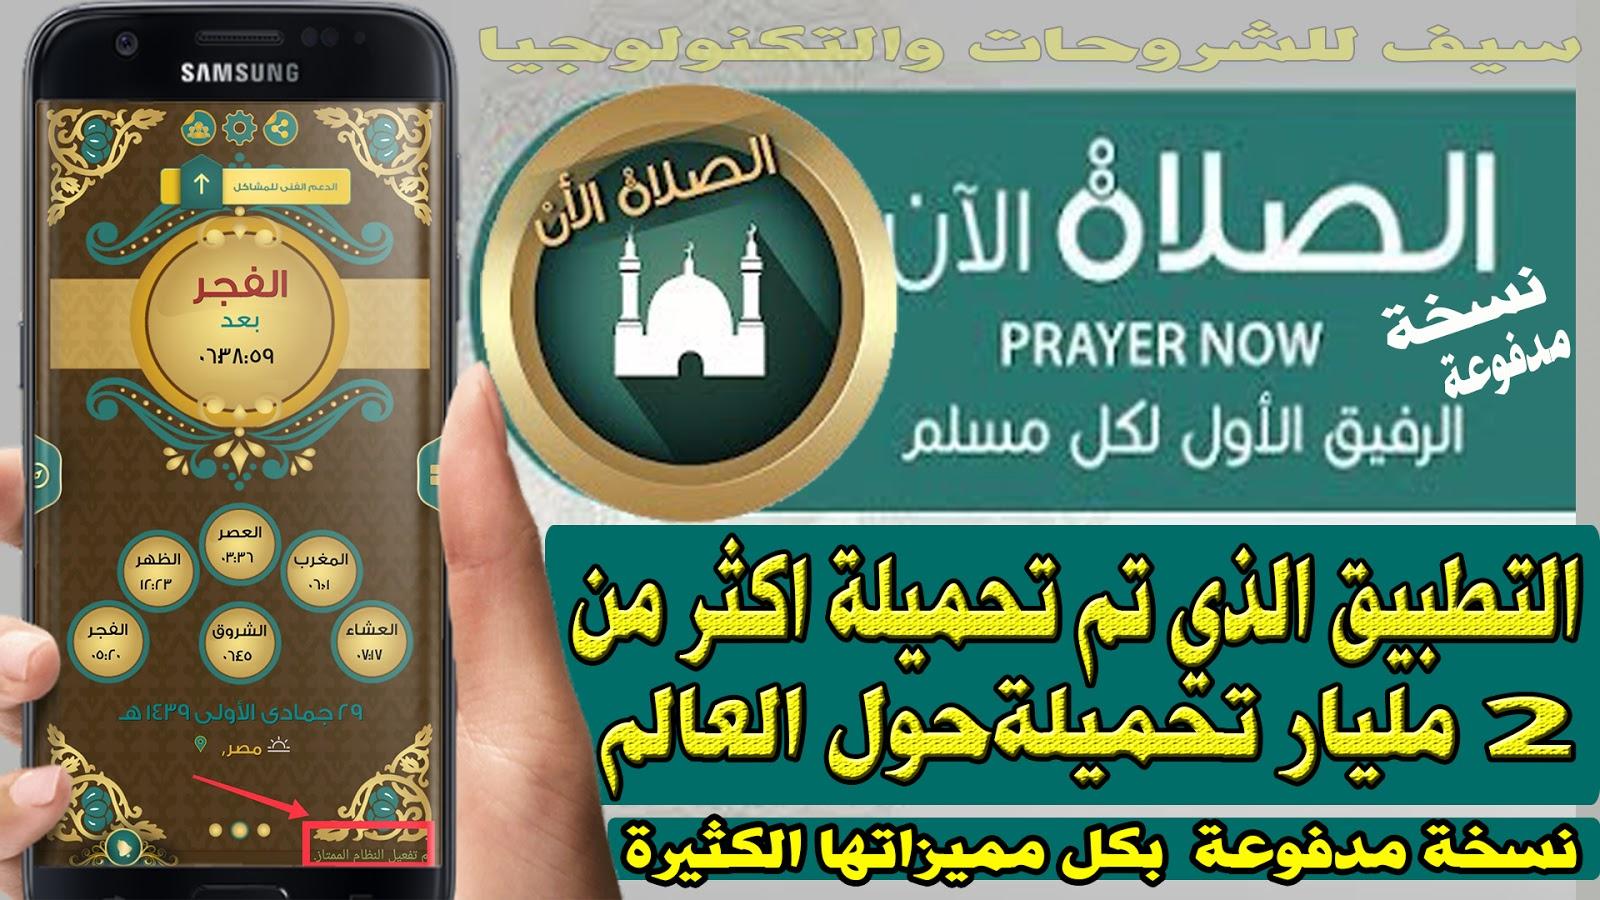 التطبيق الذي قام بتحميله أكثر من 3 مليار شخص -  الاذان و الصلاة النسخة المدفوعة-Application of AZan